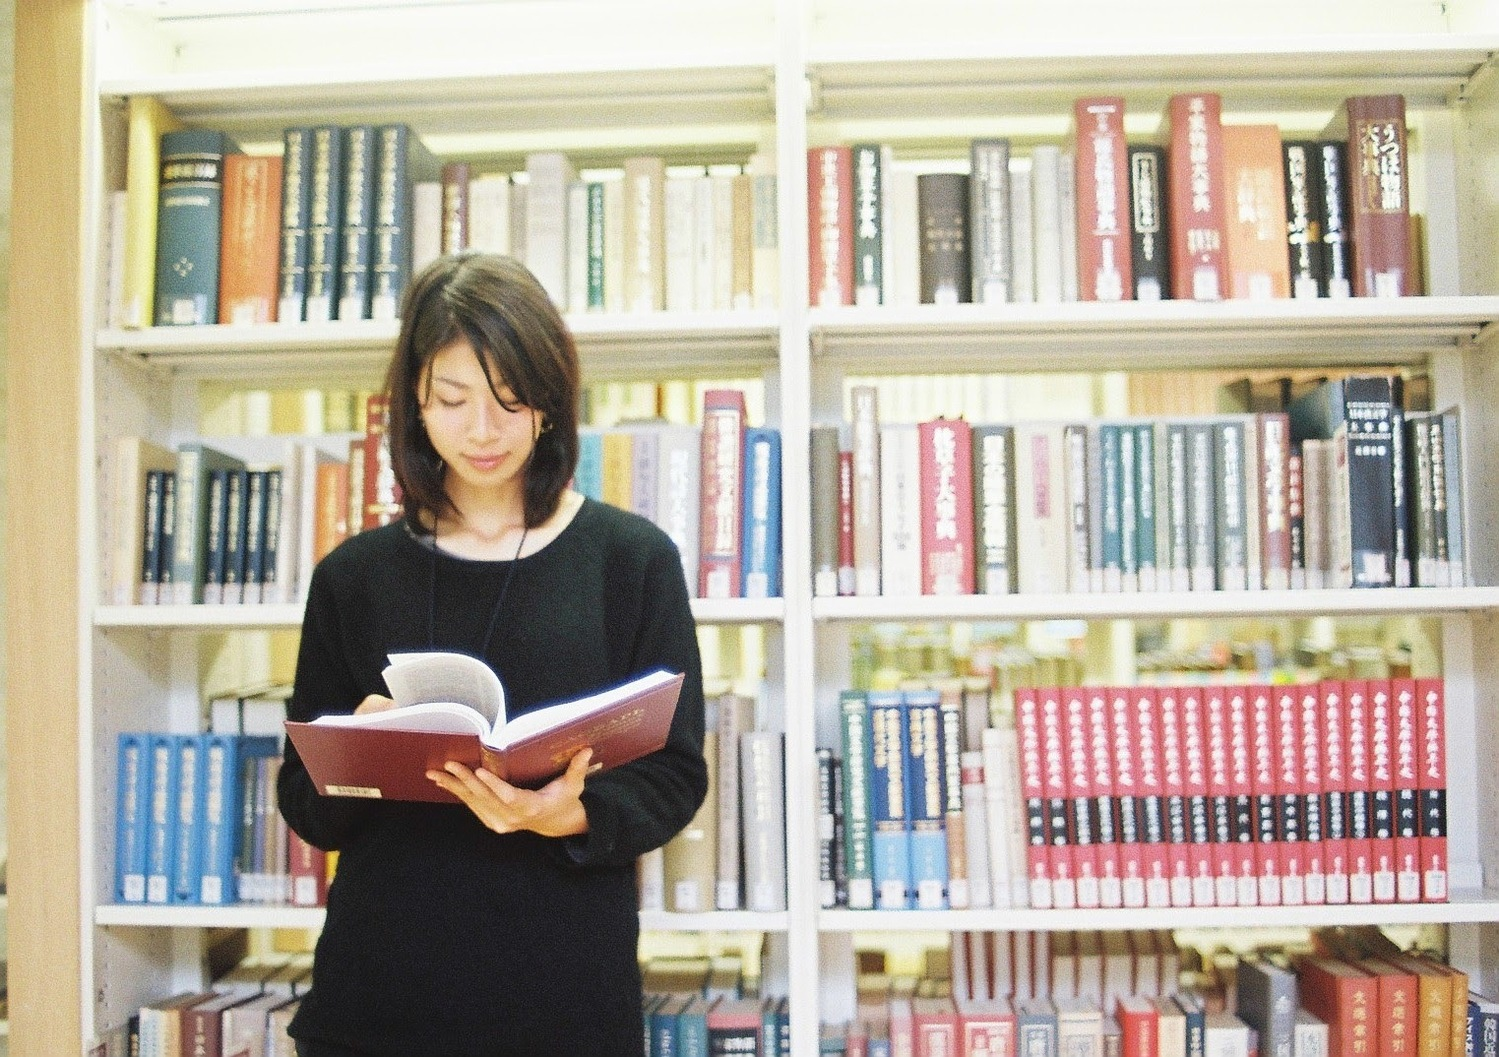 久留米市図書館緊急事態宣言閉館